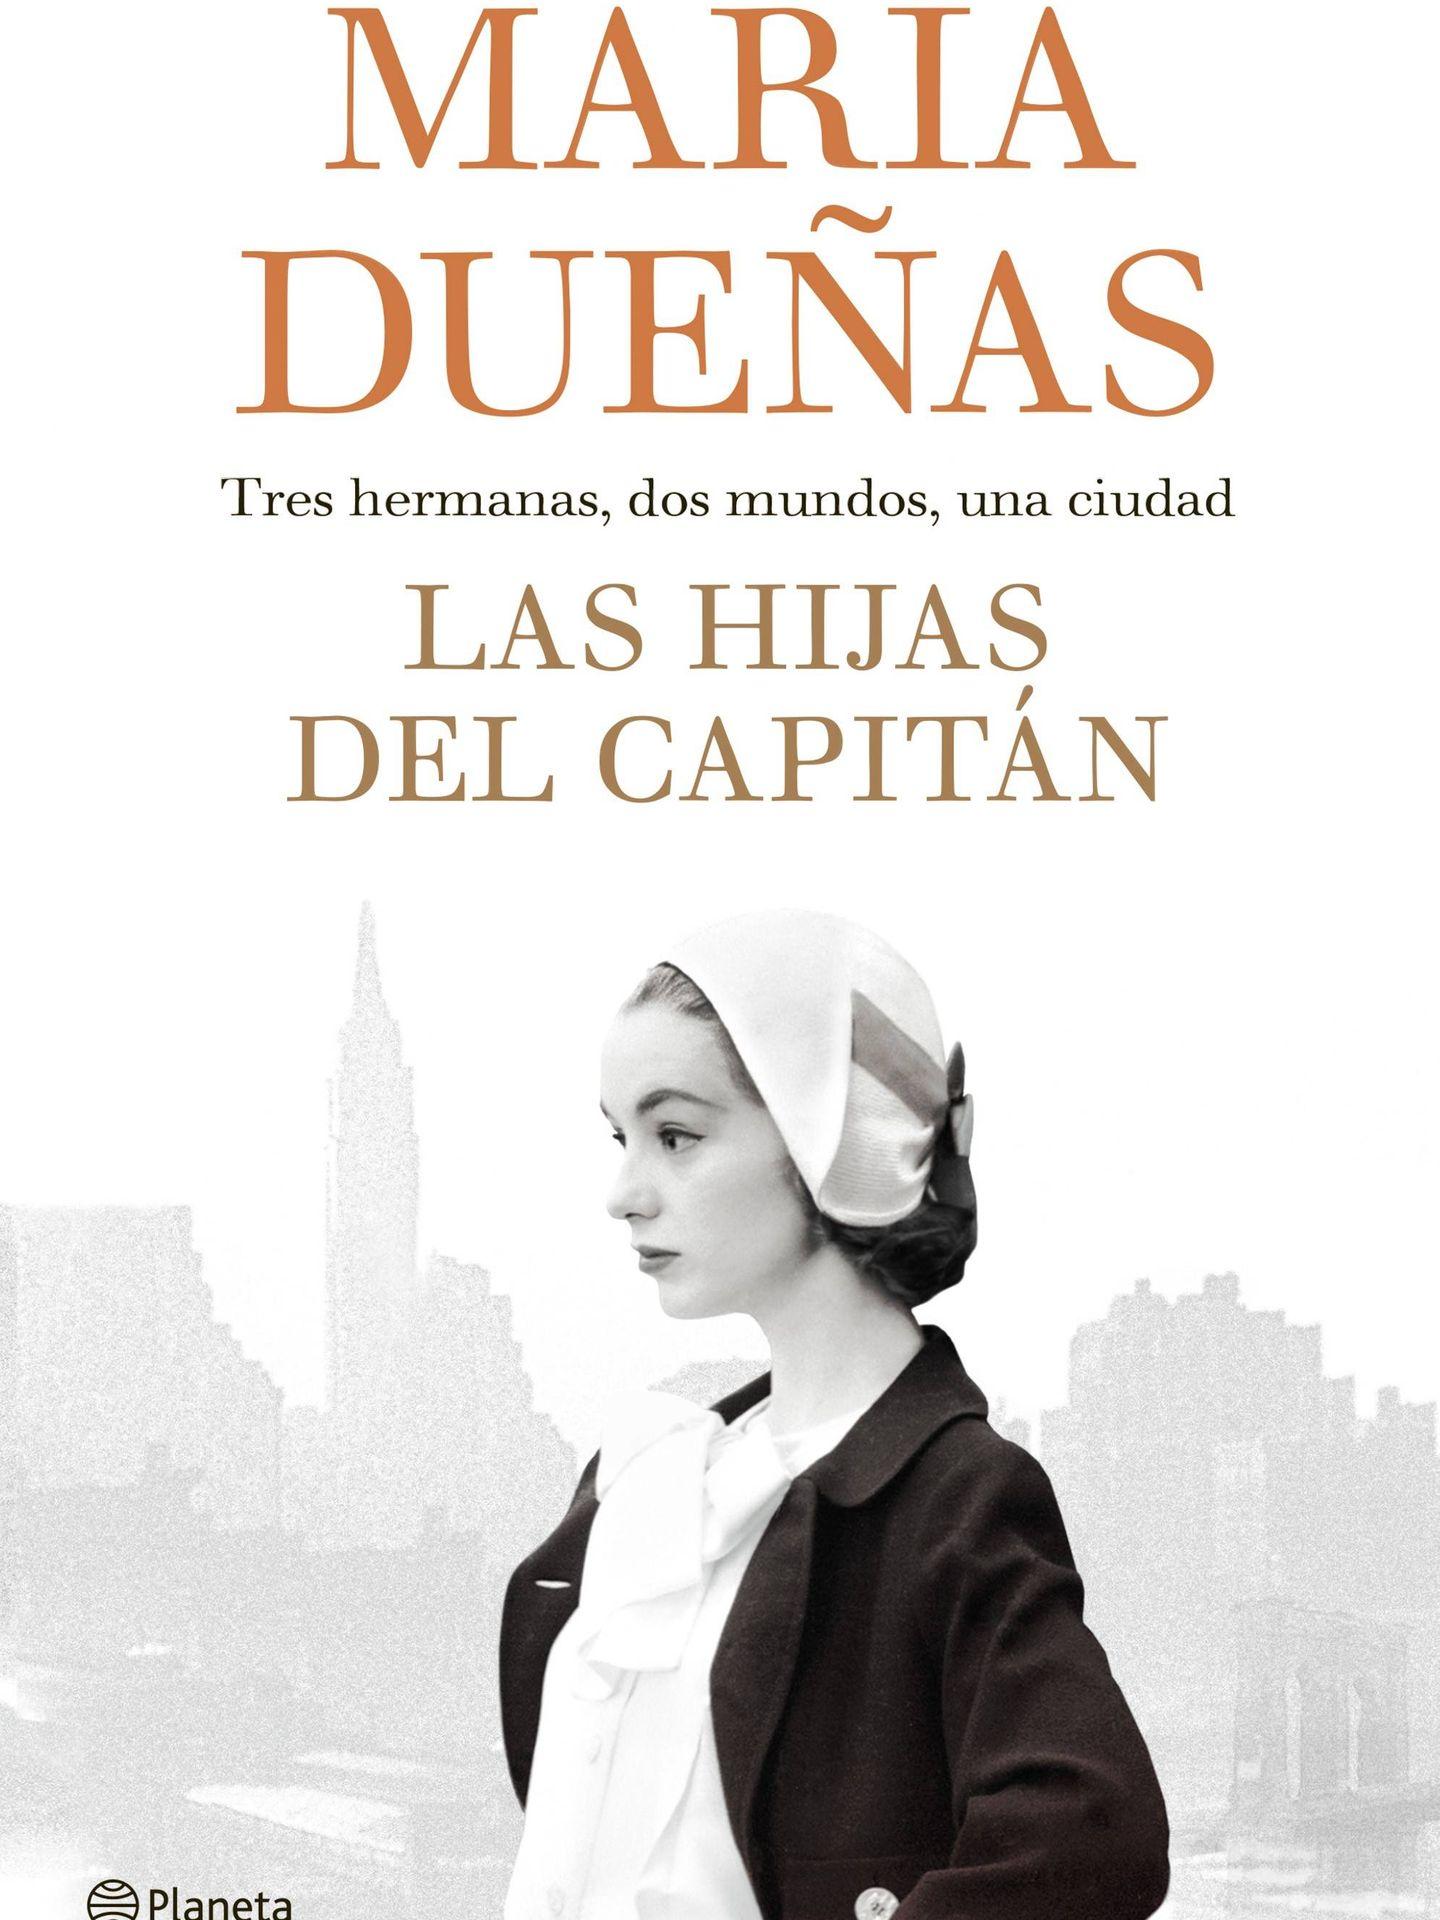 María Dueñas - 'Las hijas del capitán'